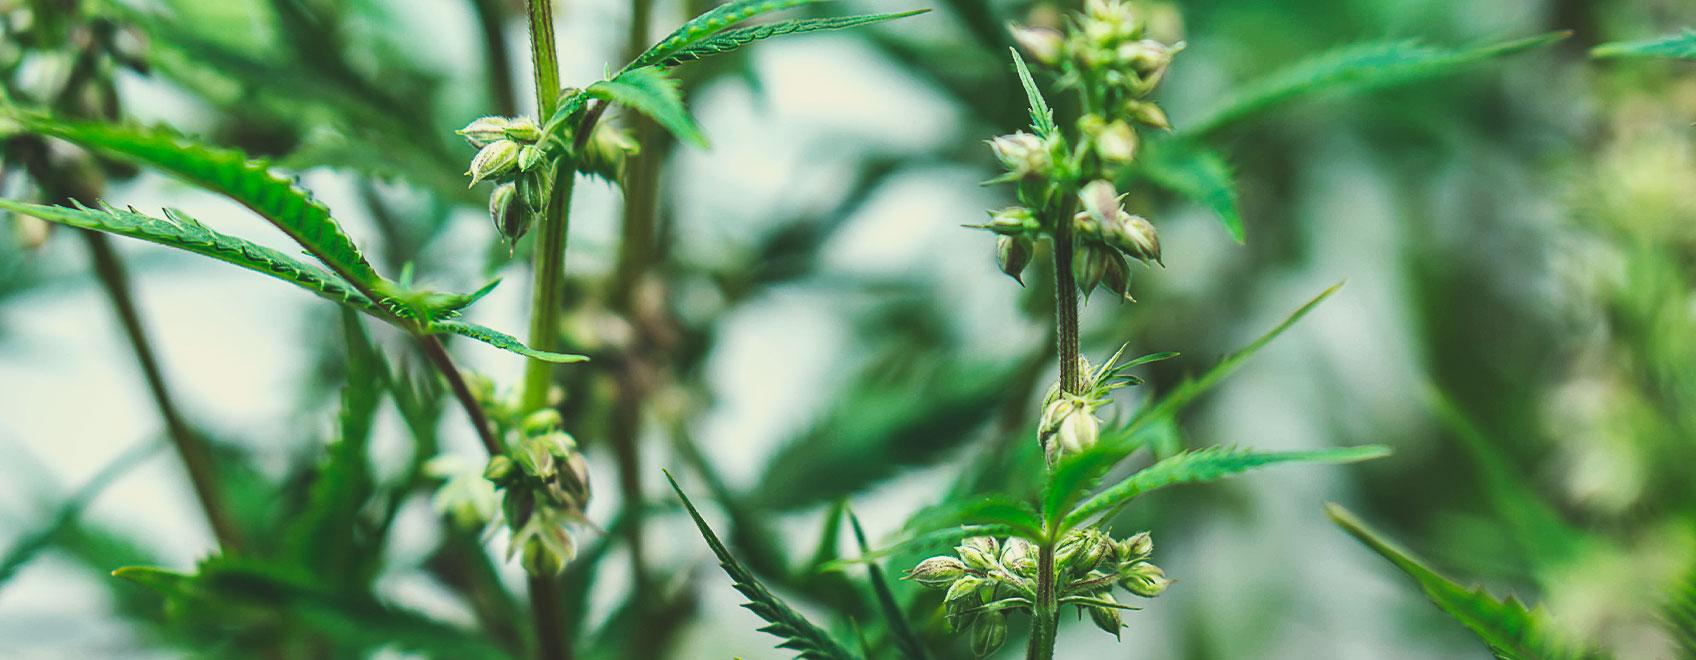 Jak hodowane są nasiona medycznej marihuany?